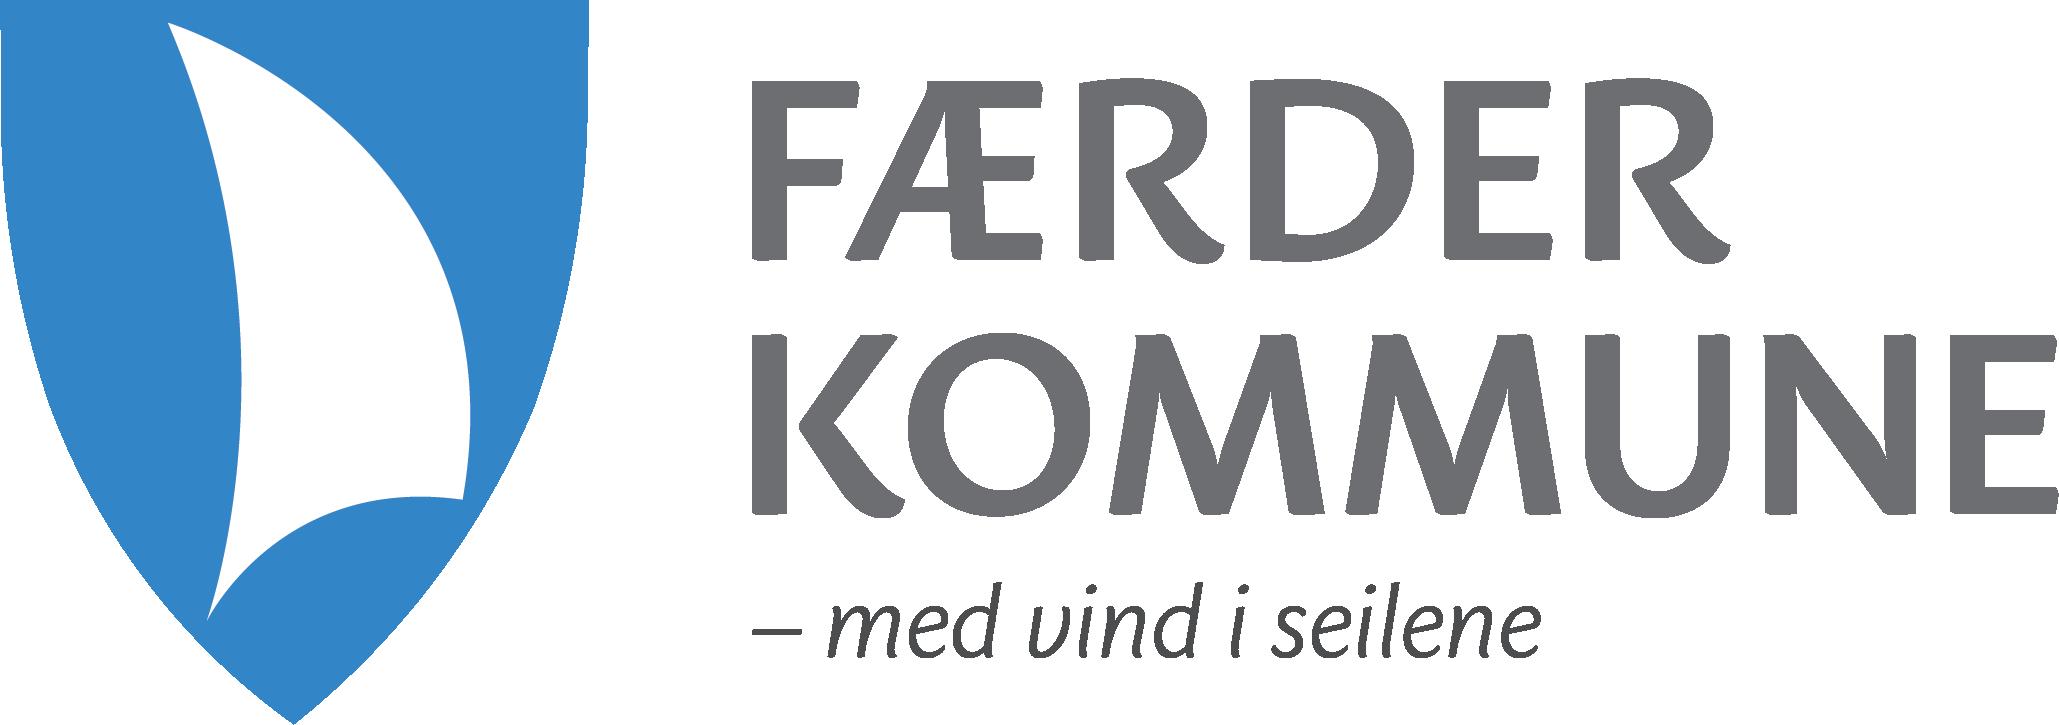 Færder kommunes logo